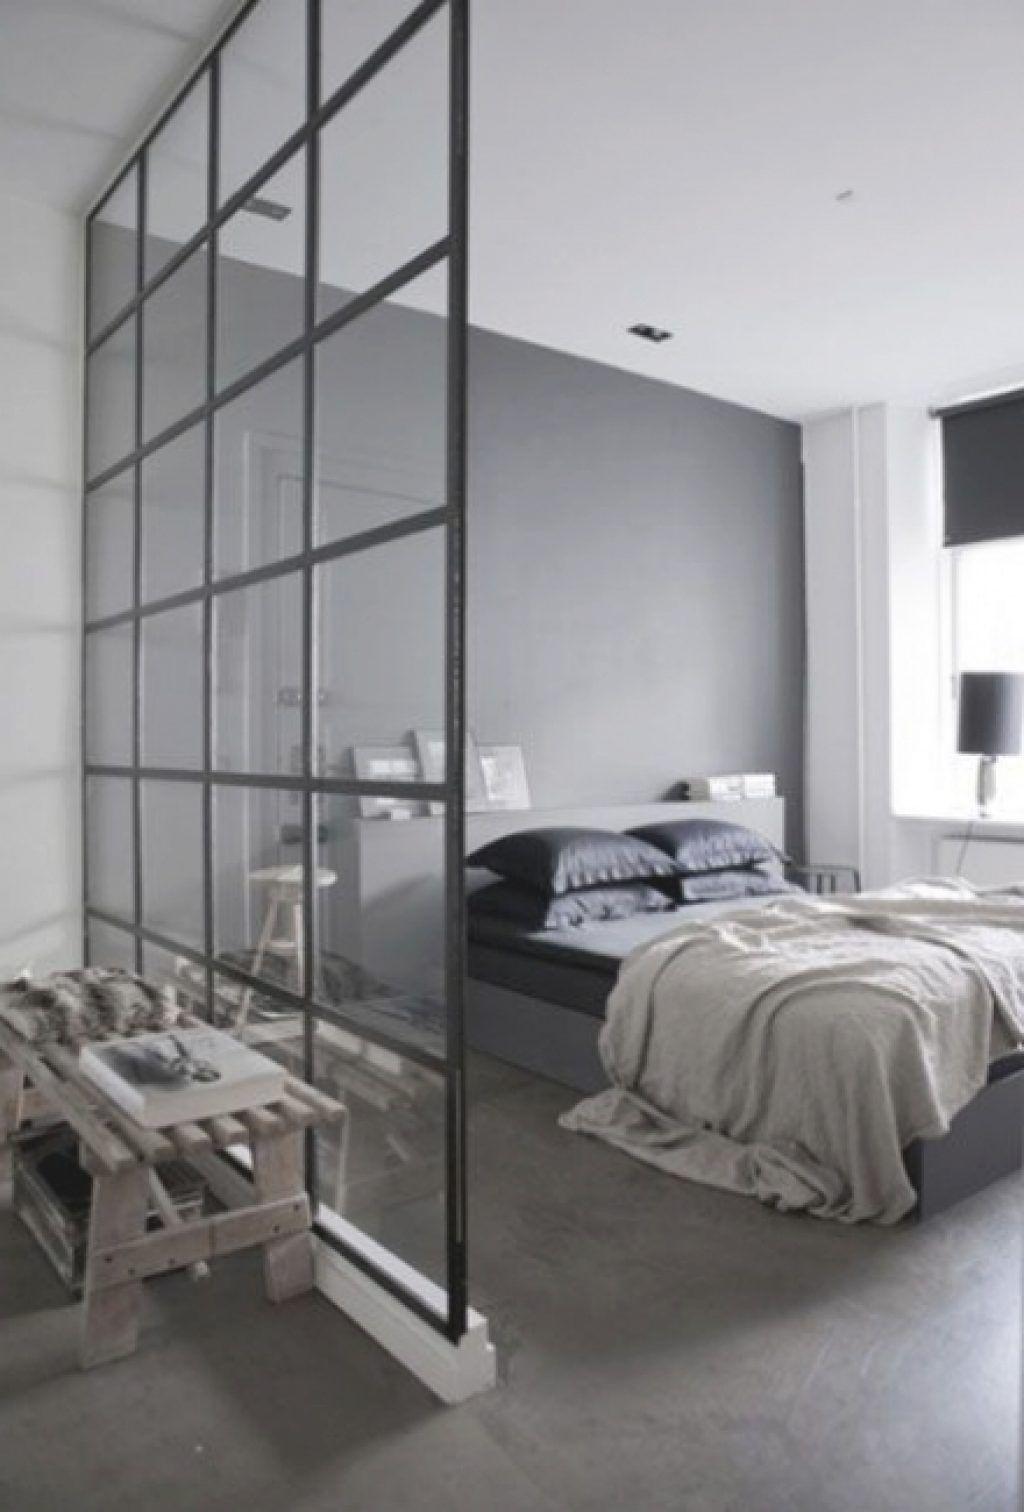 Slaapkamer Behang Grijs.Landelijke Slaapkamer Grijs Luxe Grijze Slaapkamer Landelijk